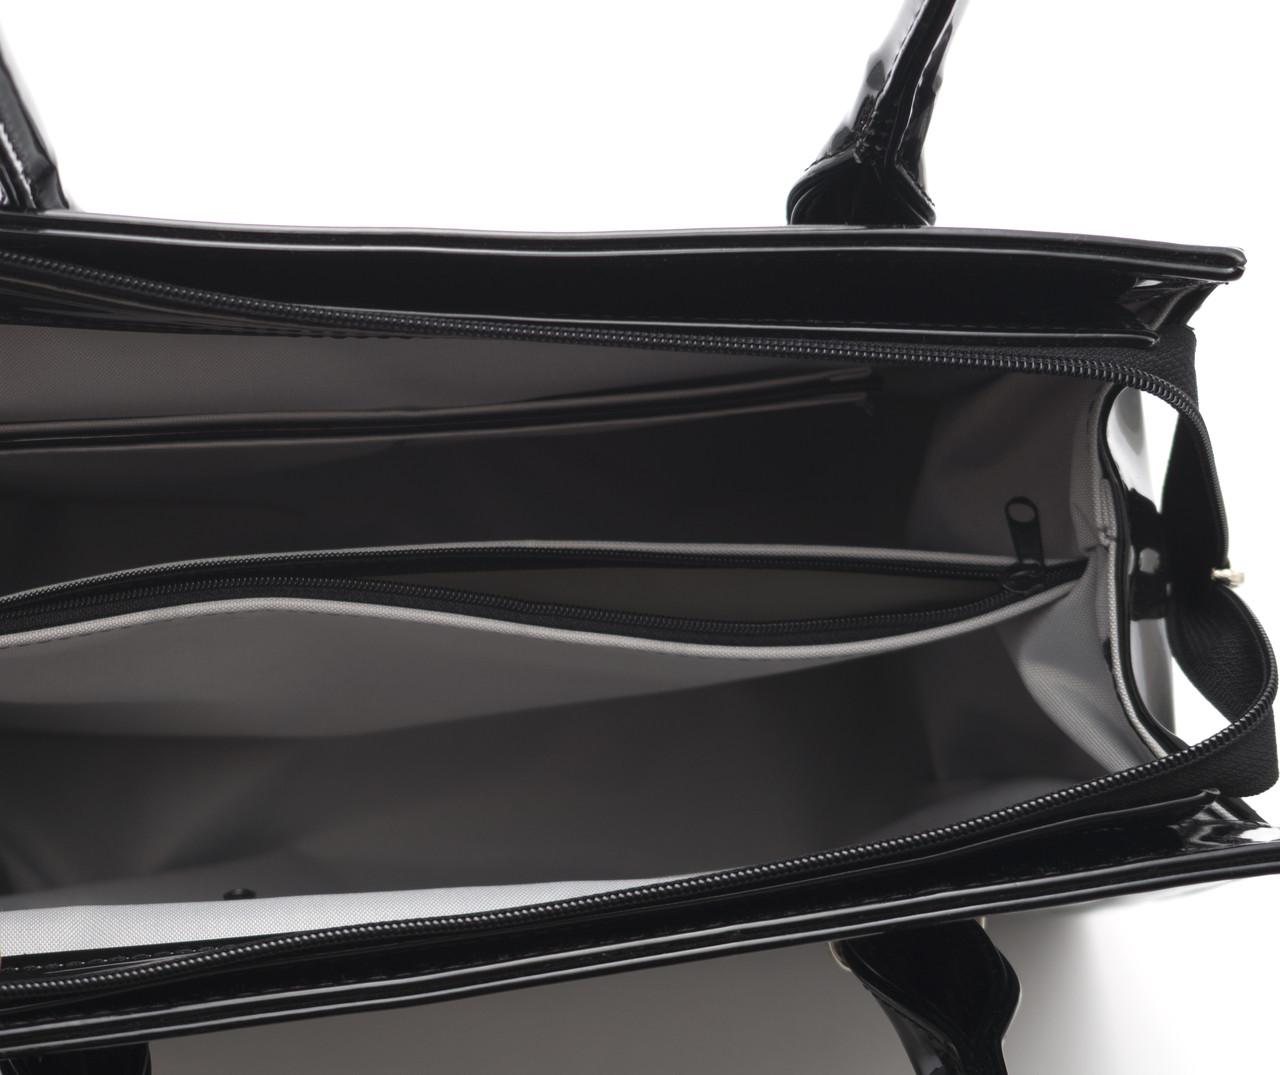 ff80fe2e76b6 Черная лаковая женская сумка Zgarda Украина art. 35-14, цена 745 грн.,  купить в Виннице — Prom.ua (ID#332796341)